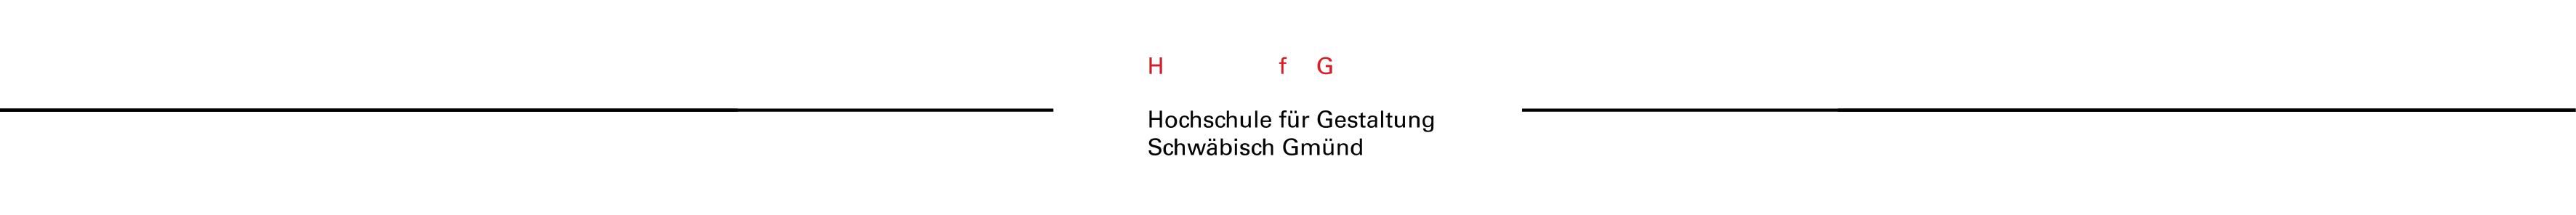 cooperation-hfg_Zeichenfläche-1